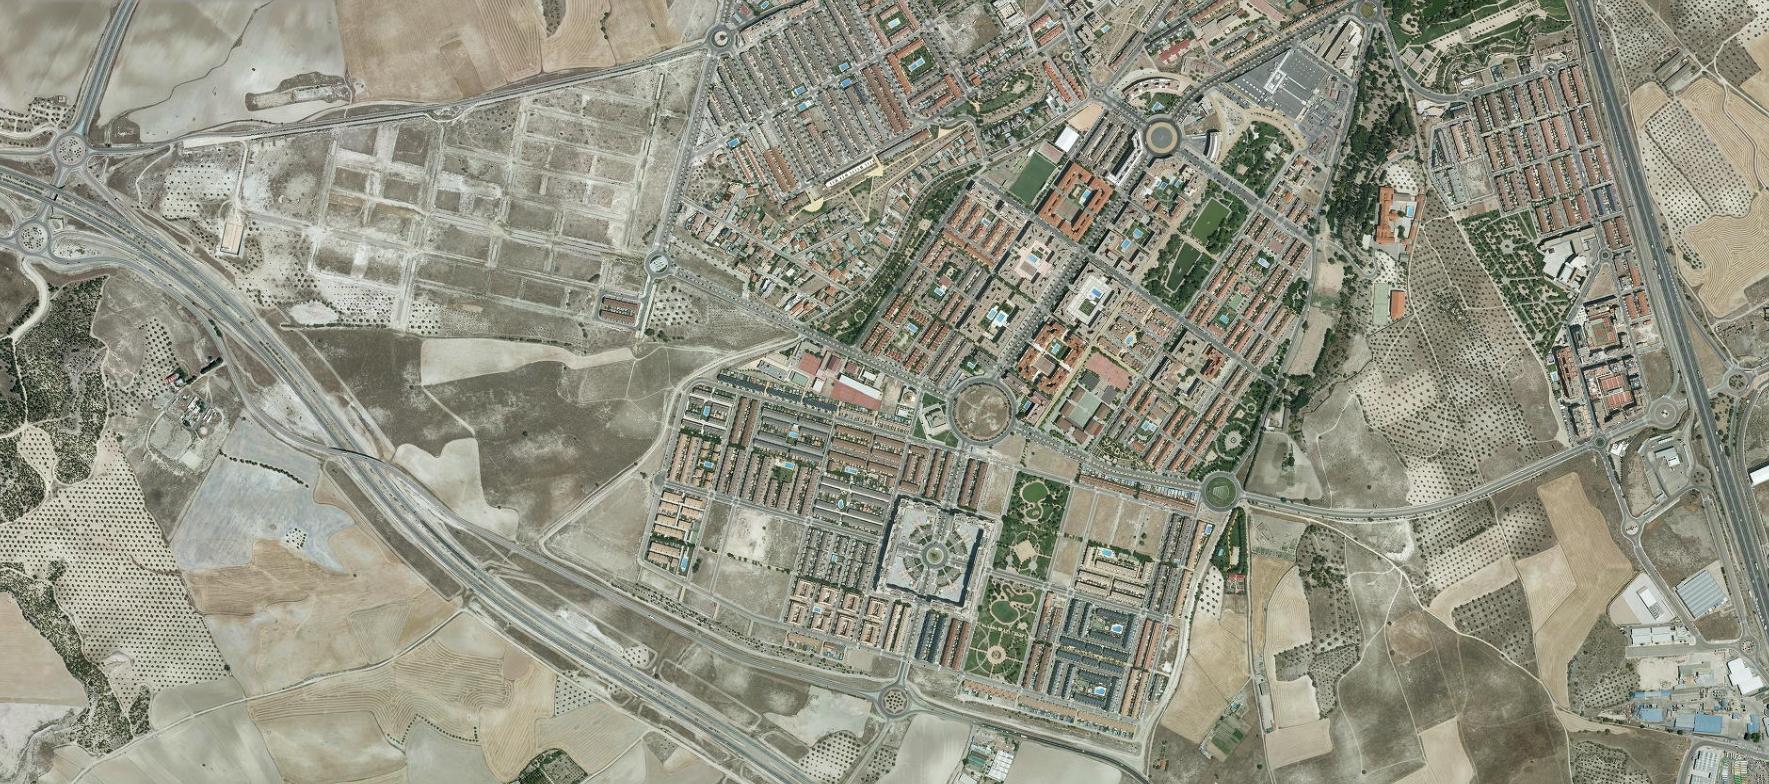 valdemoro, madrid, volquetes de putas, después, urbanismo, planeamiento, urbano, desastre, urbanístico, construcción, rotondas, carretera